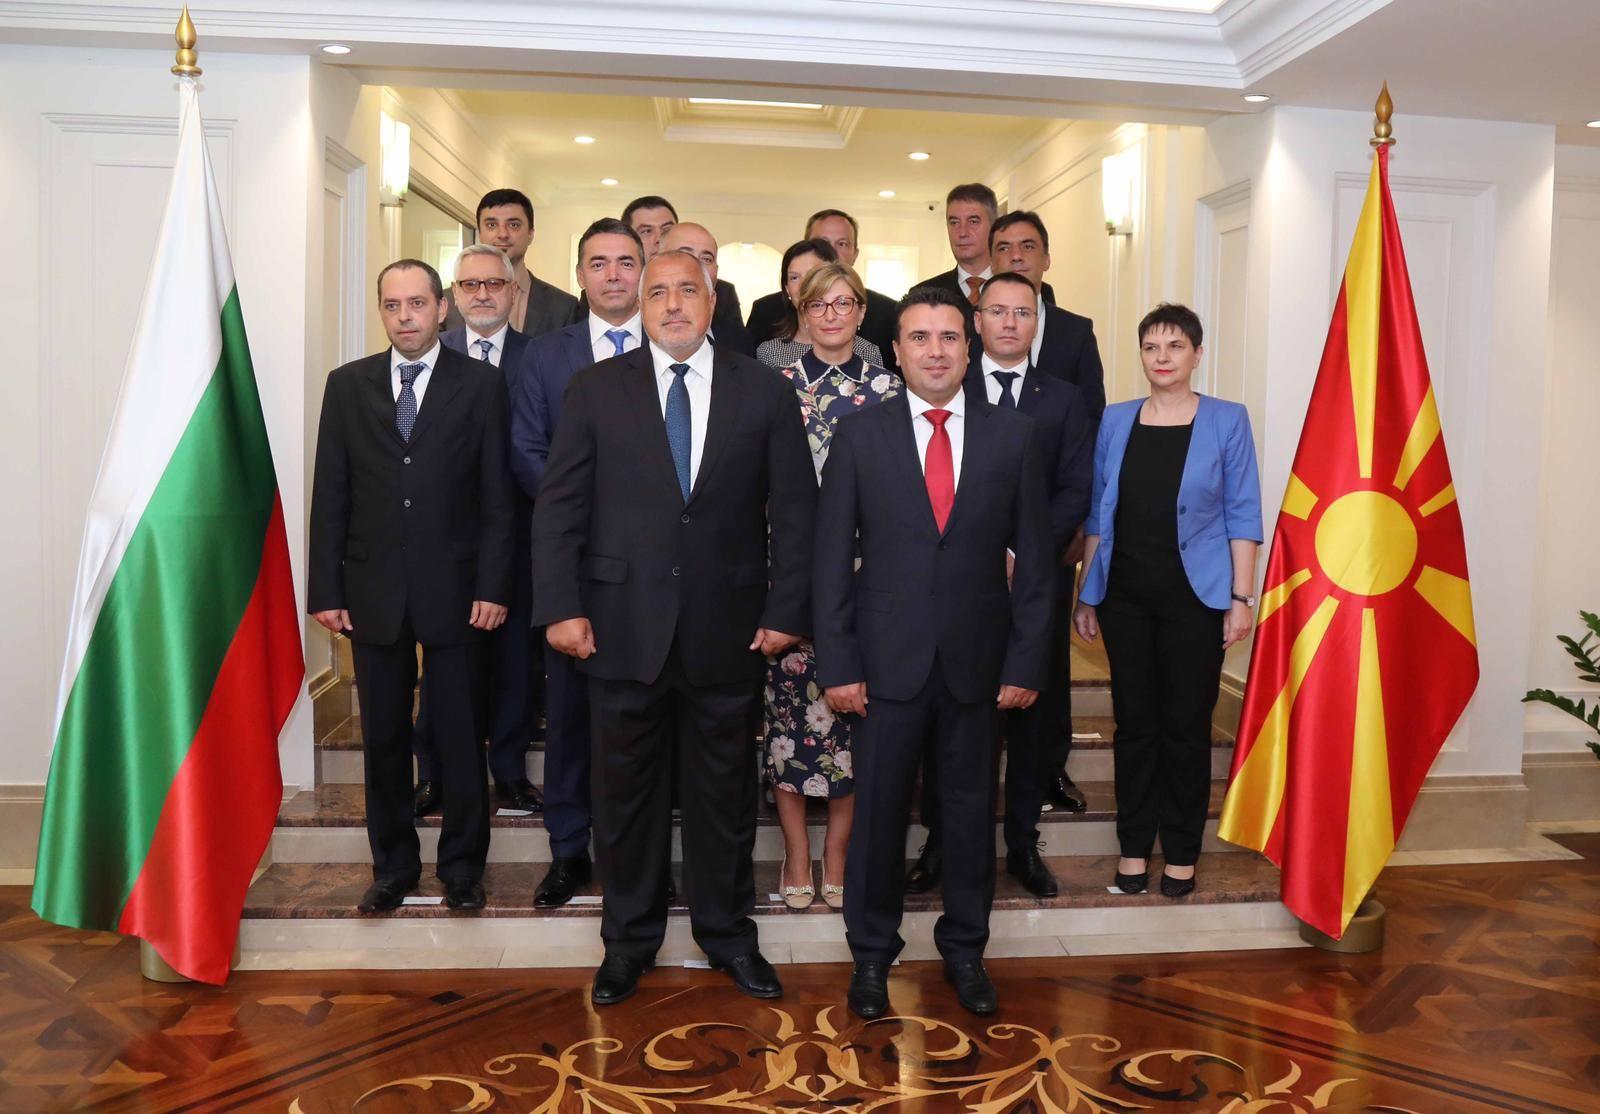 В българската делегация участва и външният министър Екатерина Захариева